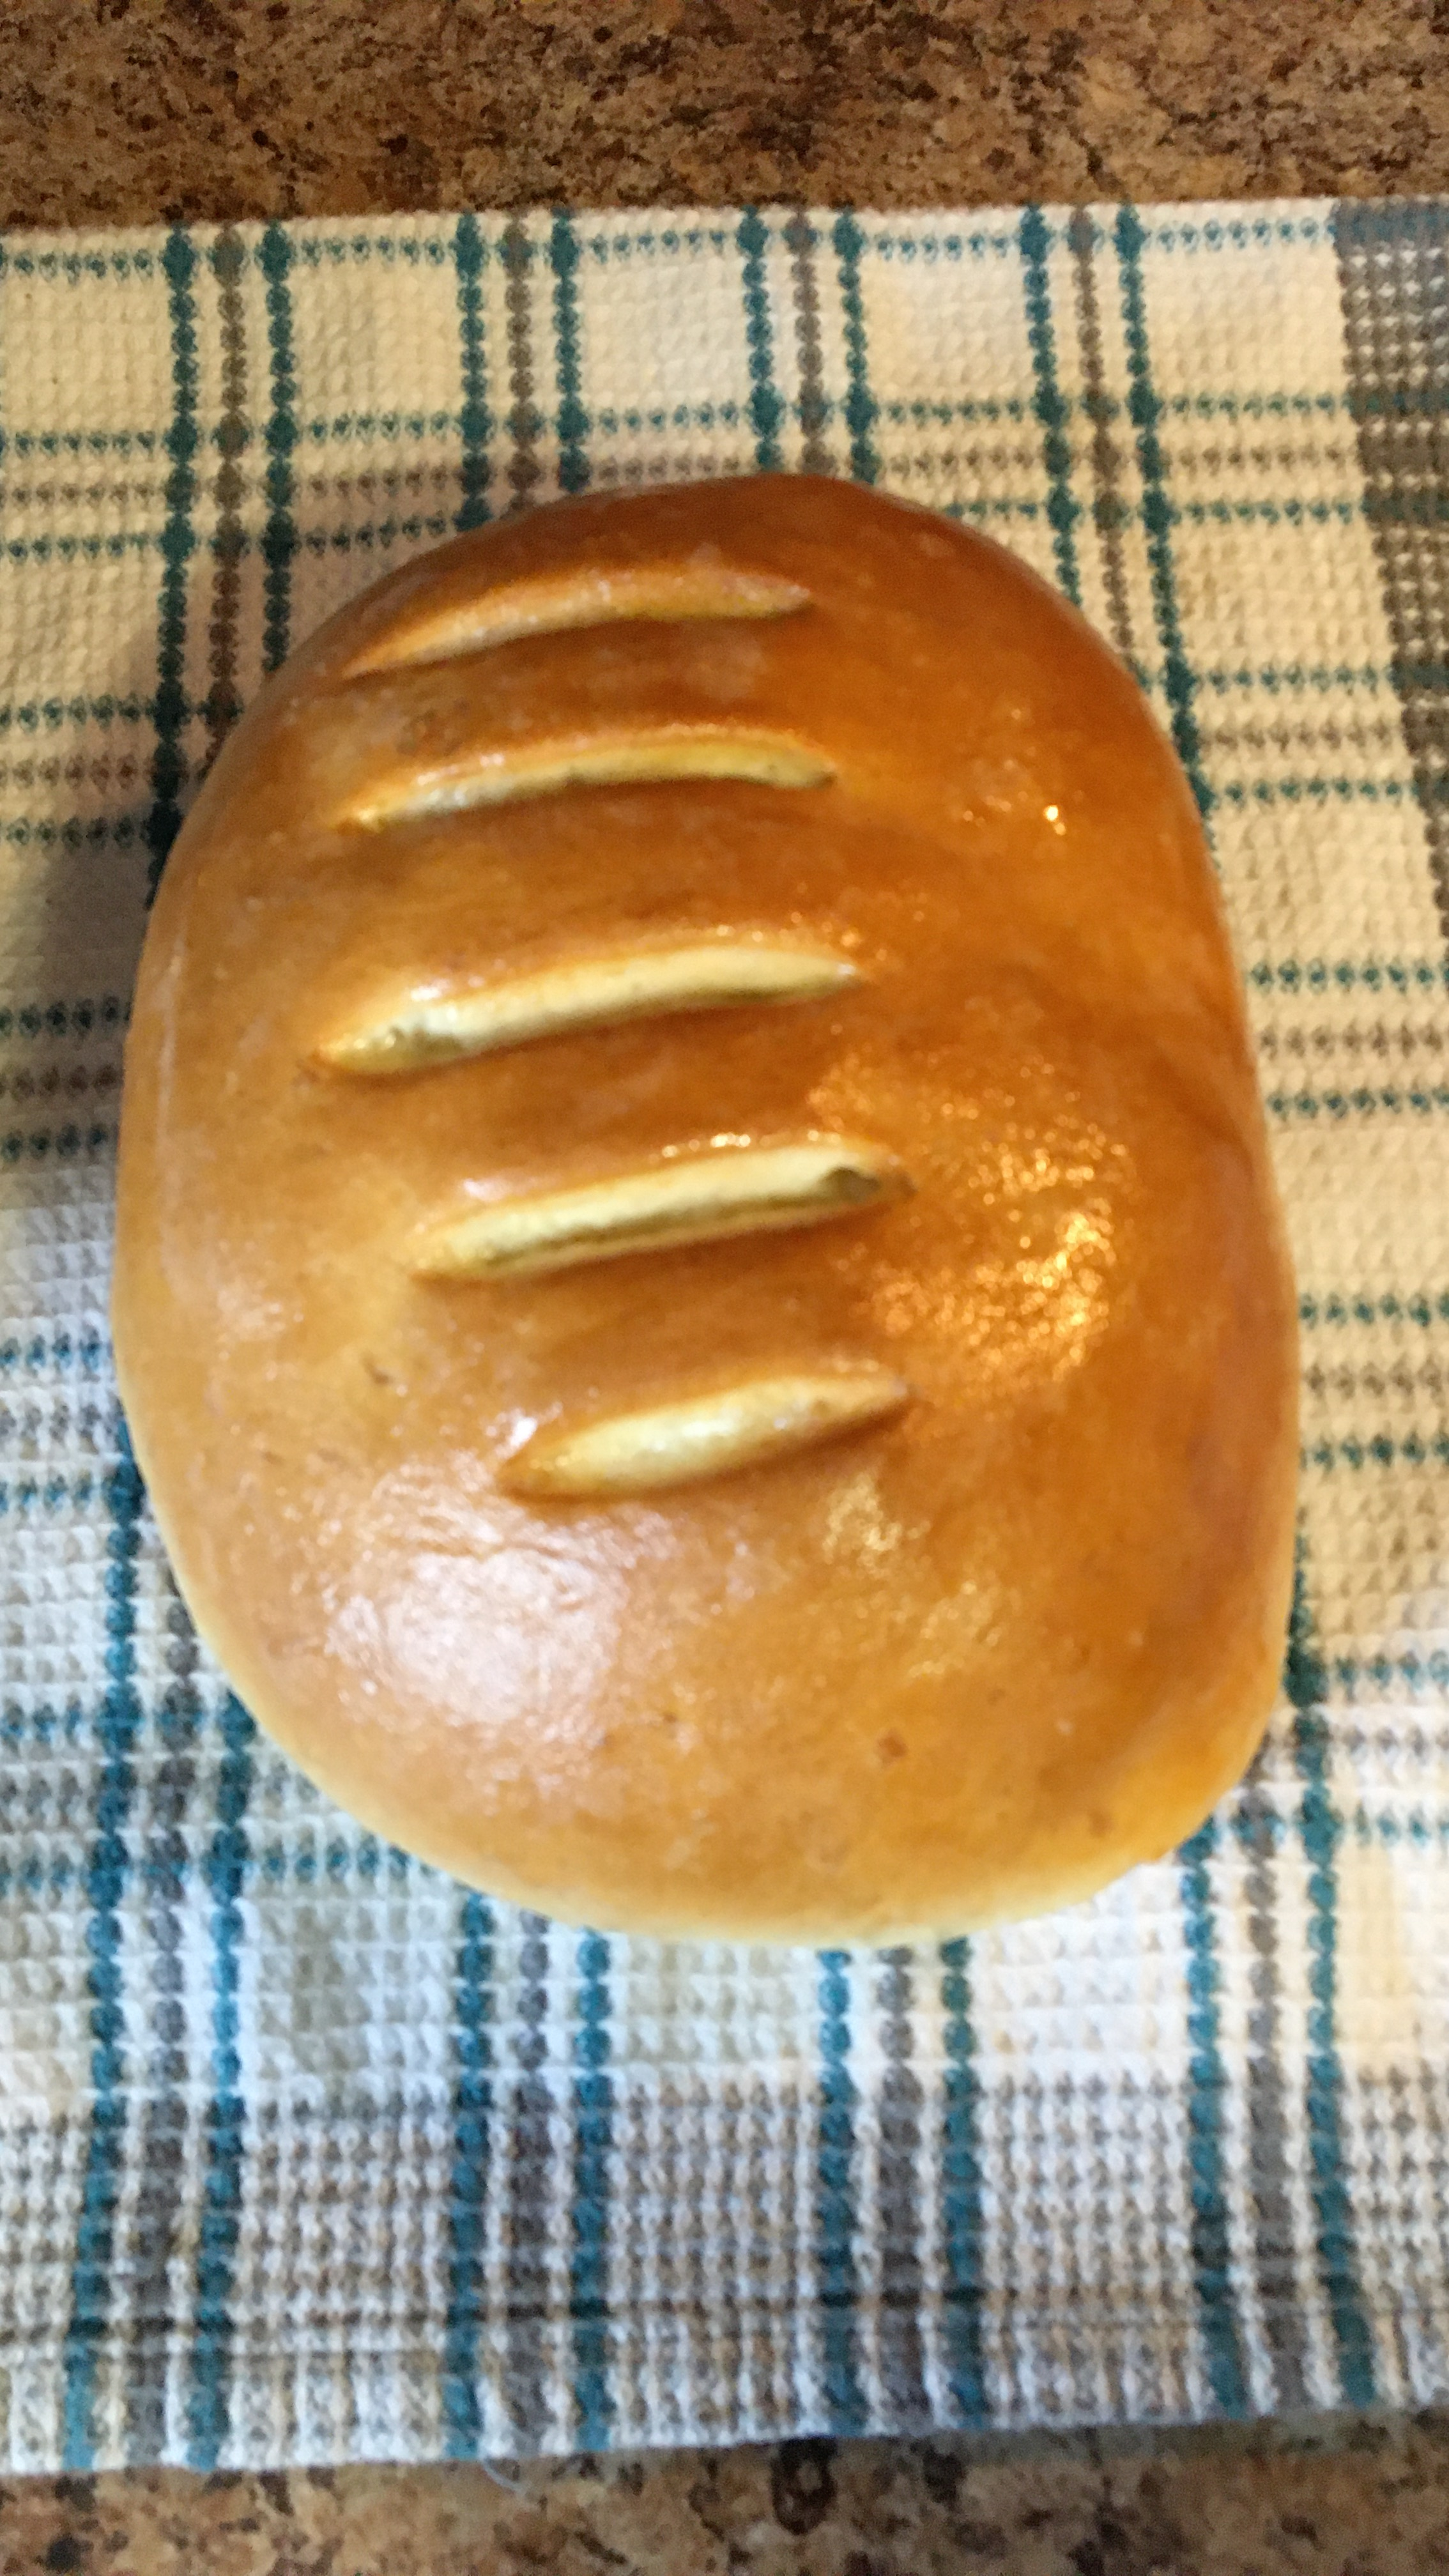 San Francisco Sourdough Bread